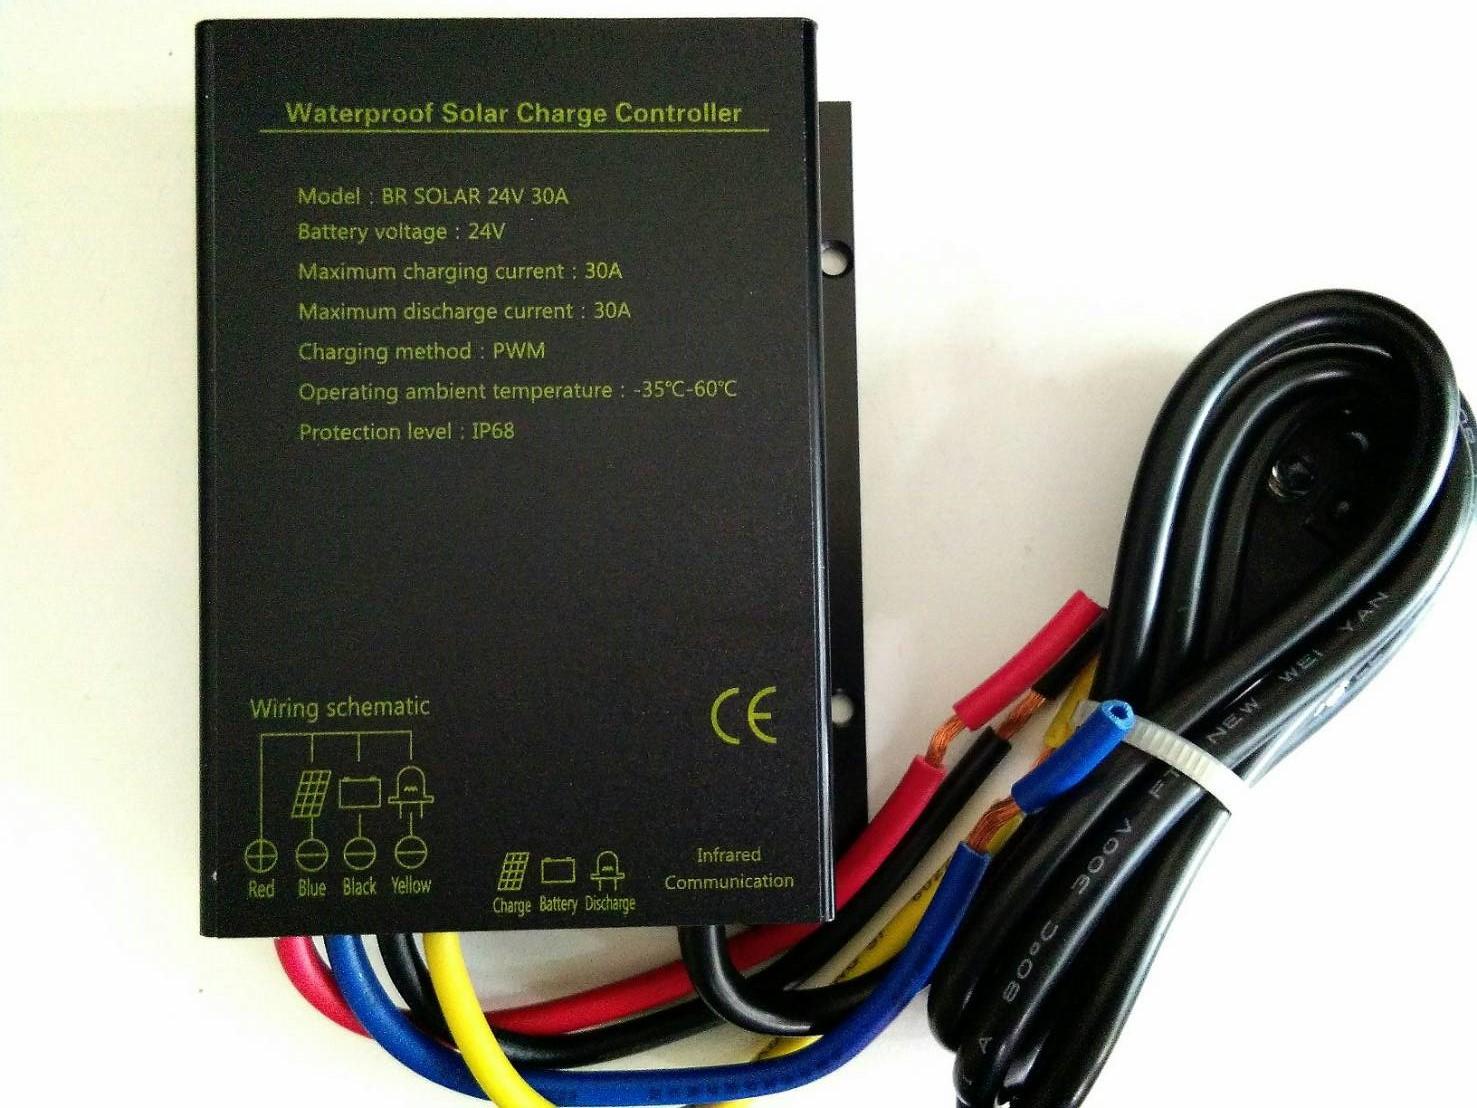 ตัวควบคุมการชาร์จแบตเตอรี่ แบบ PWM ขนาด 30A 24V IP68 (ฺBR Solar)